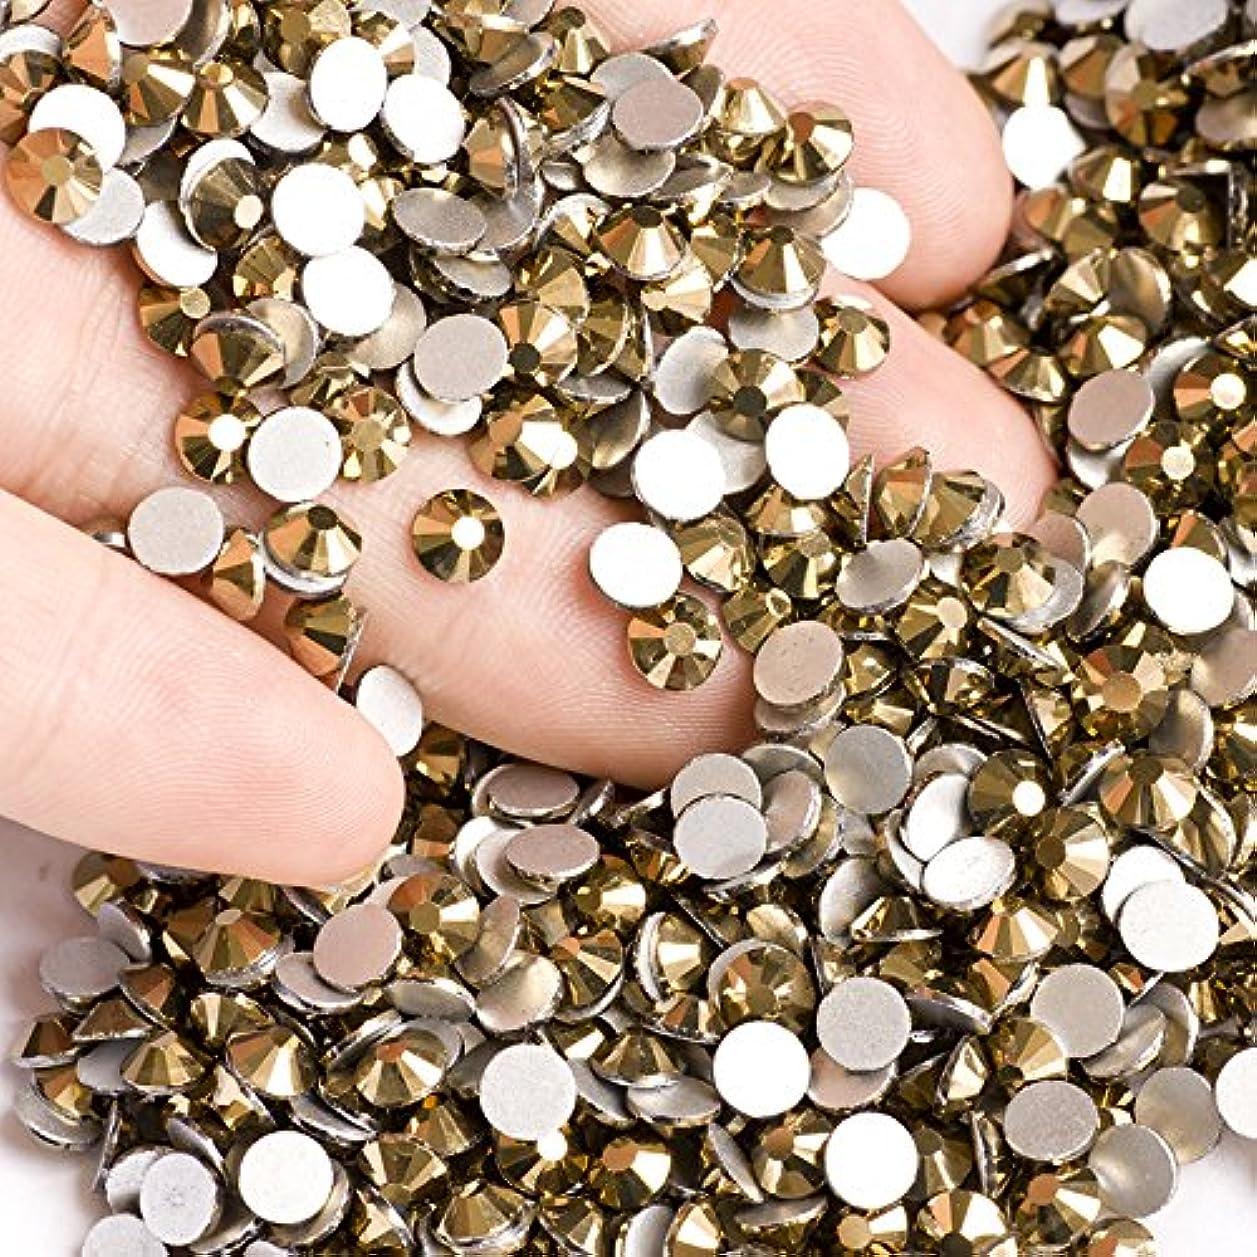 ぜいたく自体満足させる高品質ガラス製ラインストーン ゴールド 業務用パック1440粒入り ネイル デコ レジンに (1.8mm (SS5) 約1440粒) [並行輸入品]